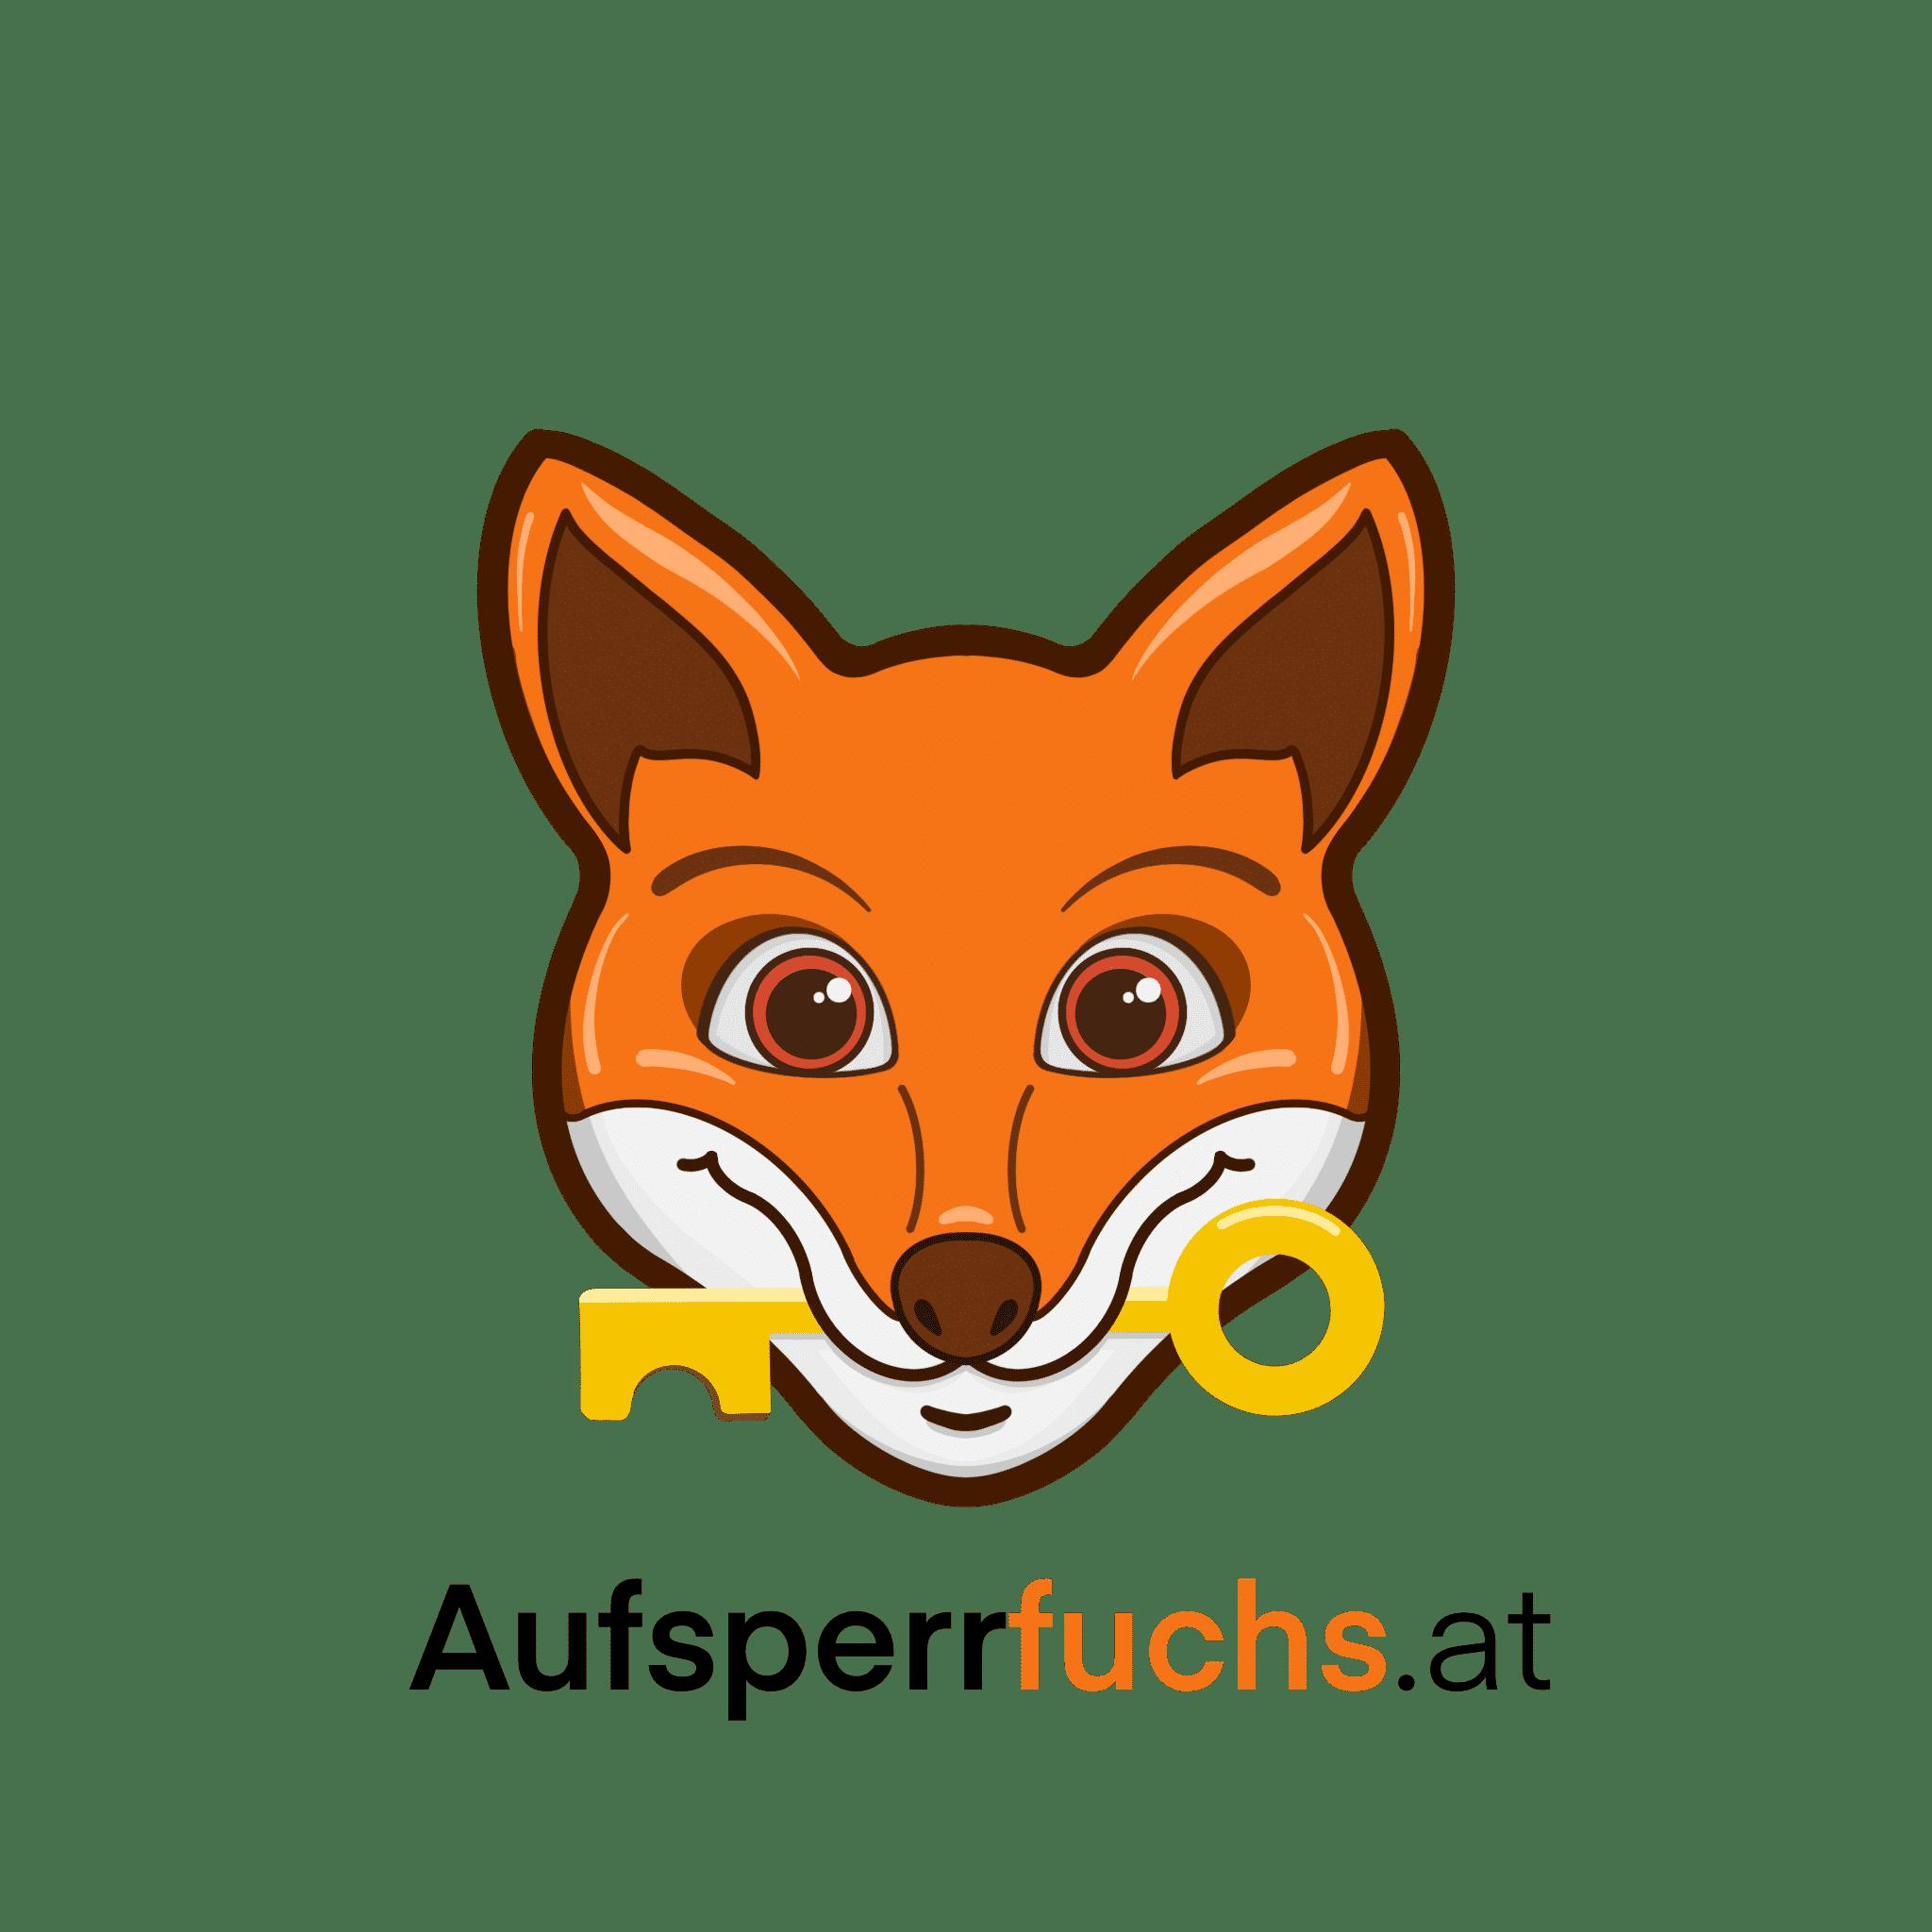 Logo Aufsperrfuchs.at Schlüsseldienst Wien